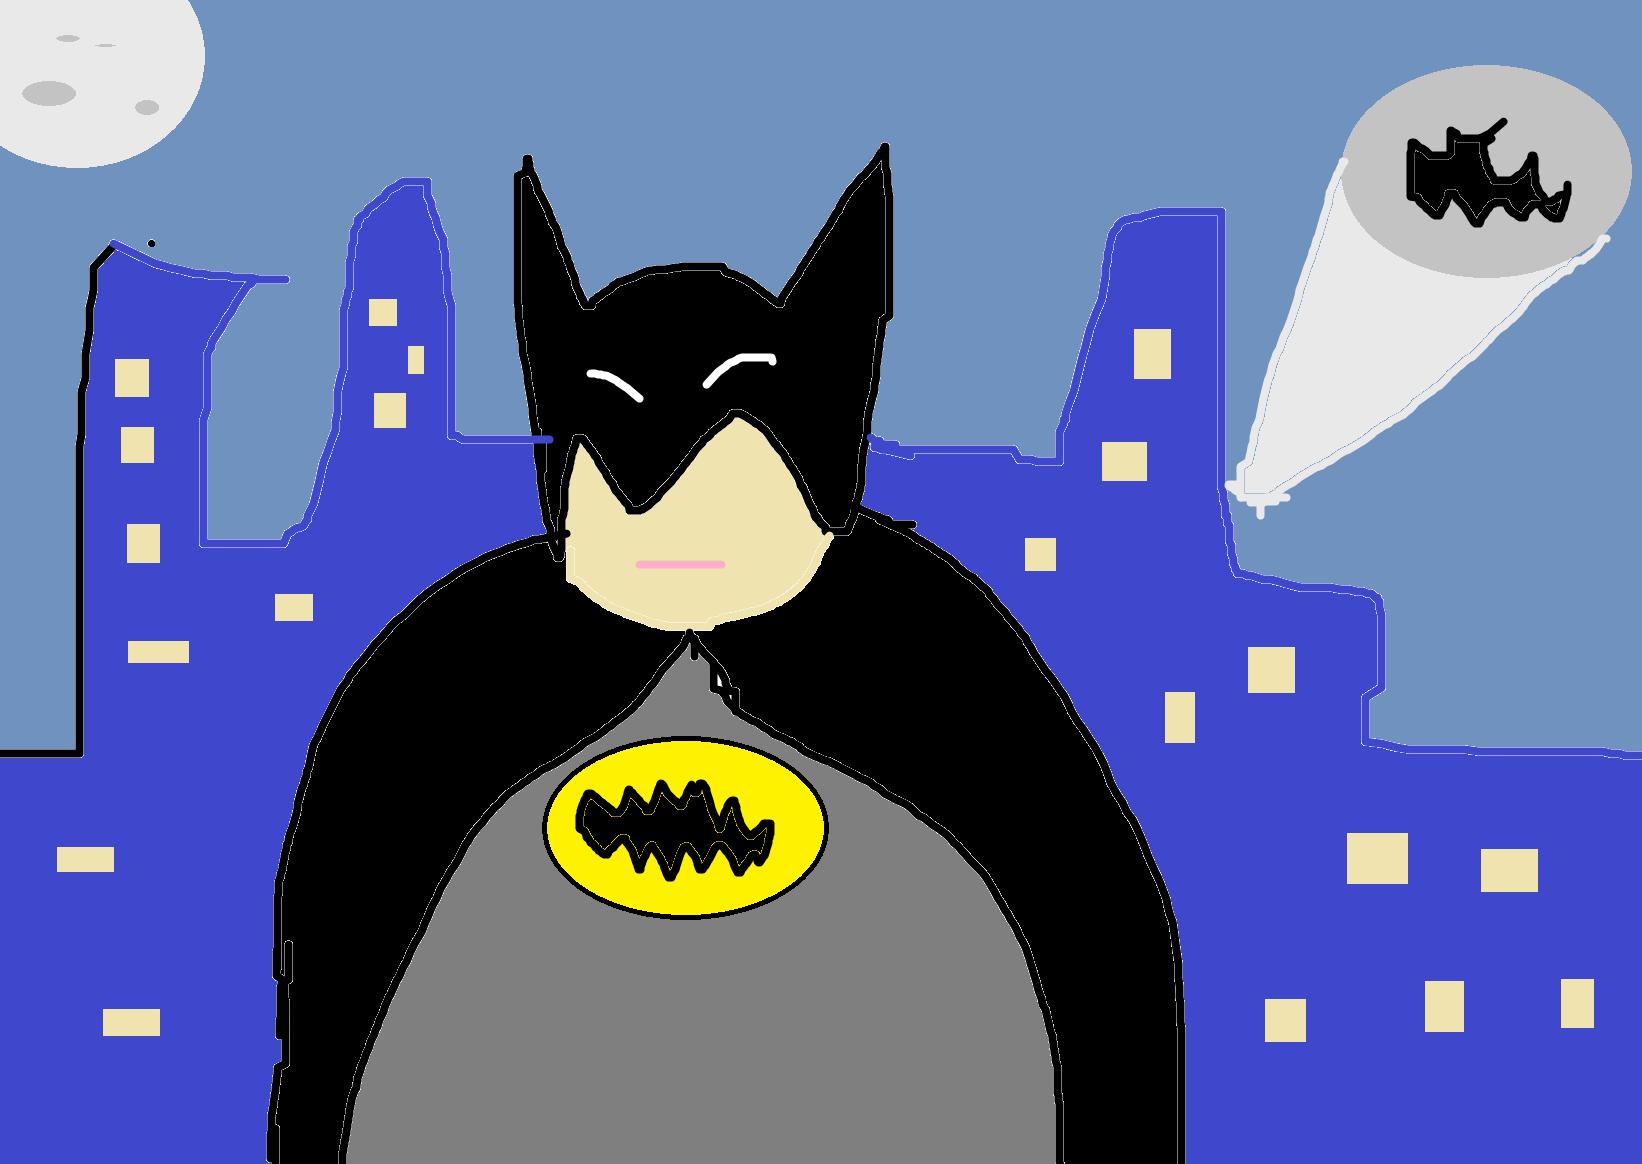 Mon Dessin Batman 20 Sur Le Forum Blabla 18 25 Ans 10 12 2016